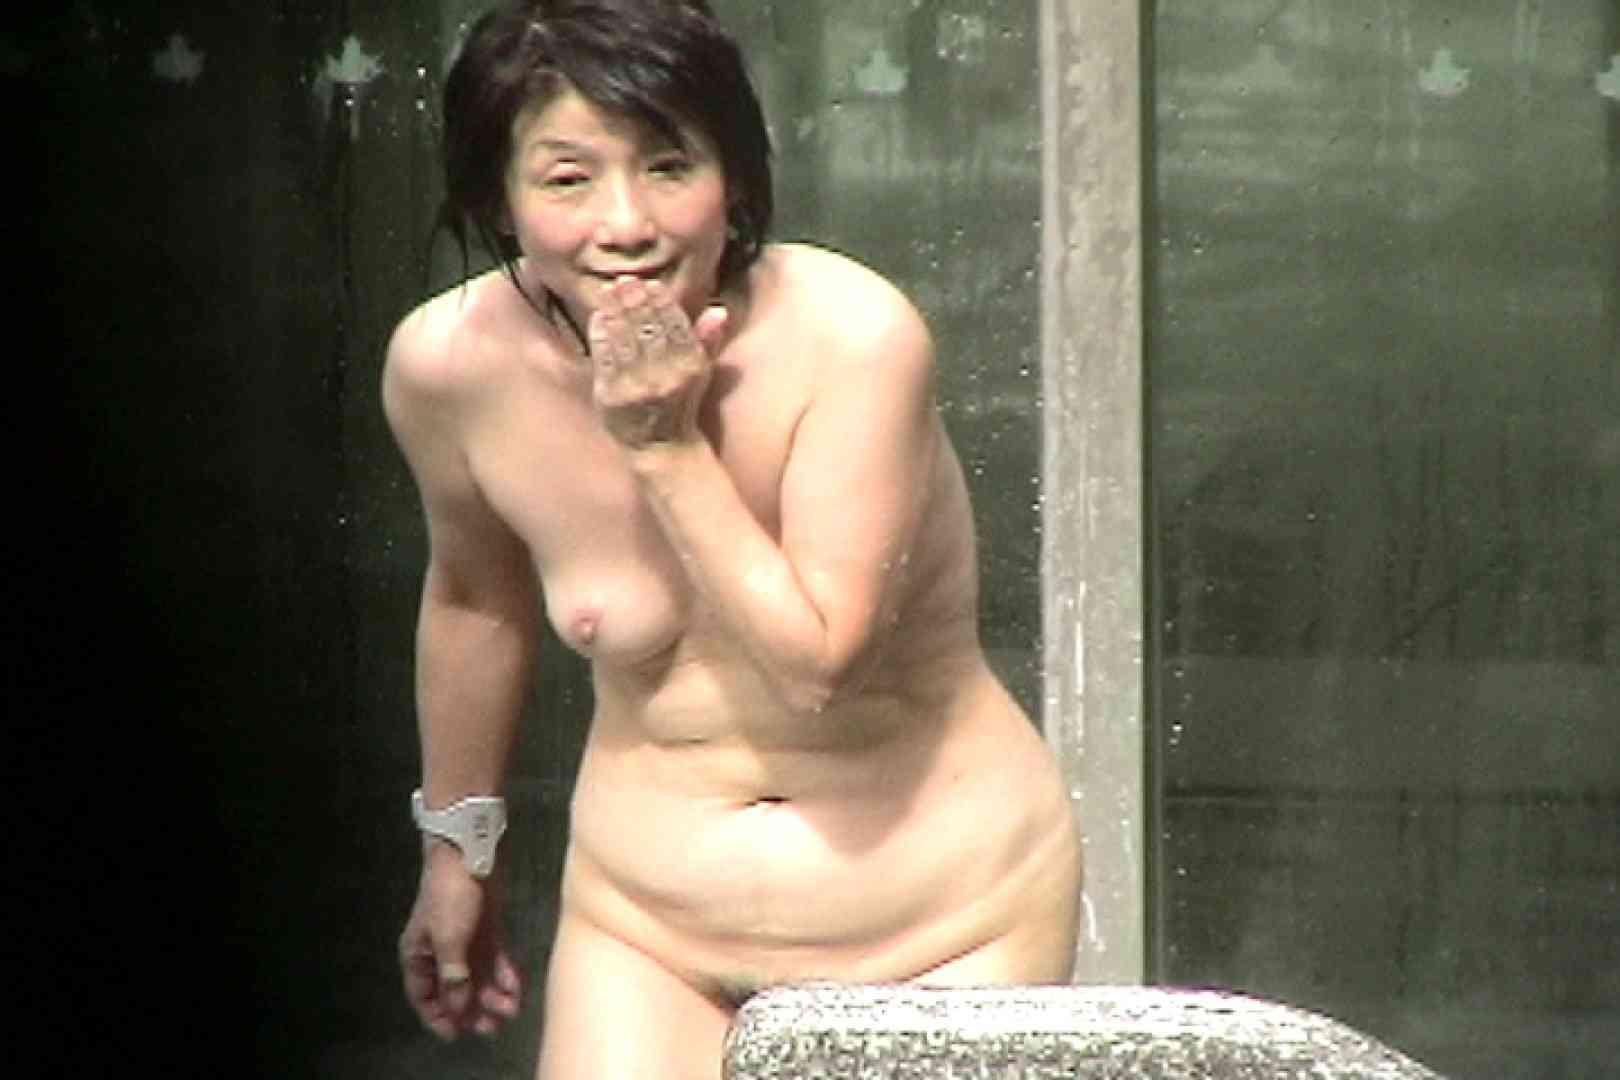 年増編 オムニバスVol.7 露天風呂の女子達 アダルト動画キャプチャ 74画像 13